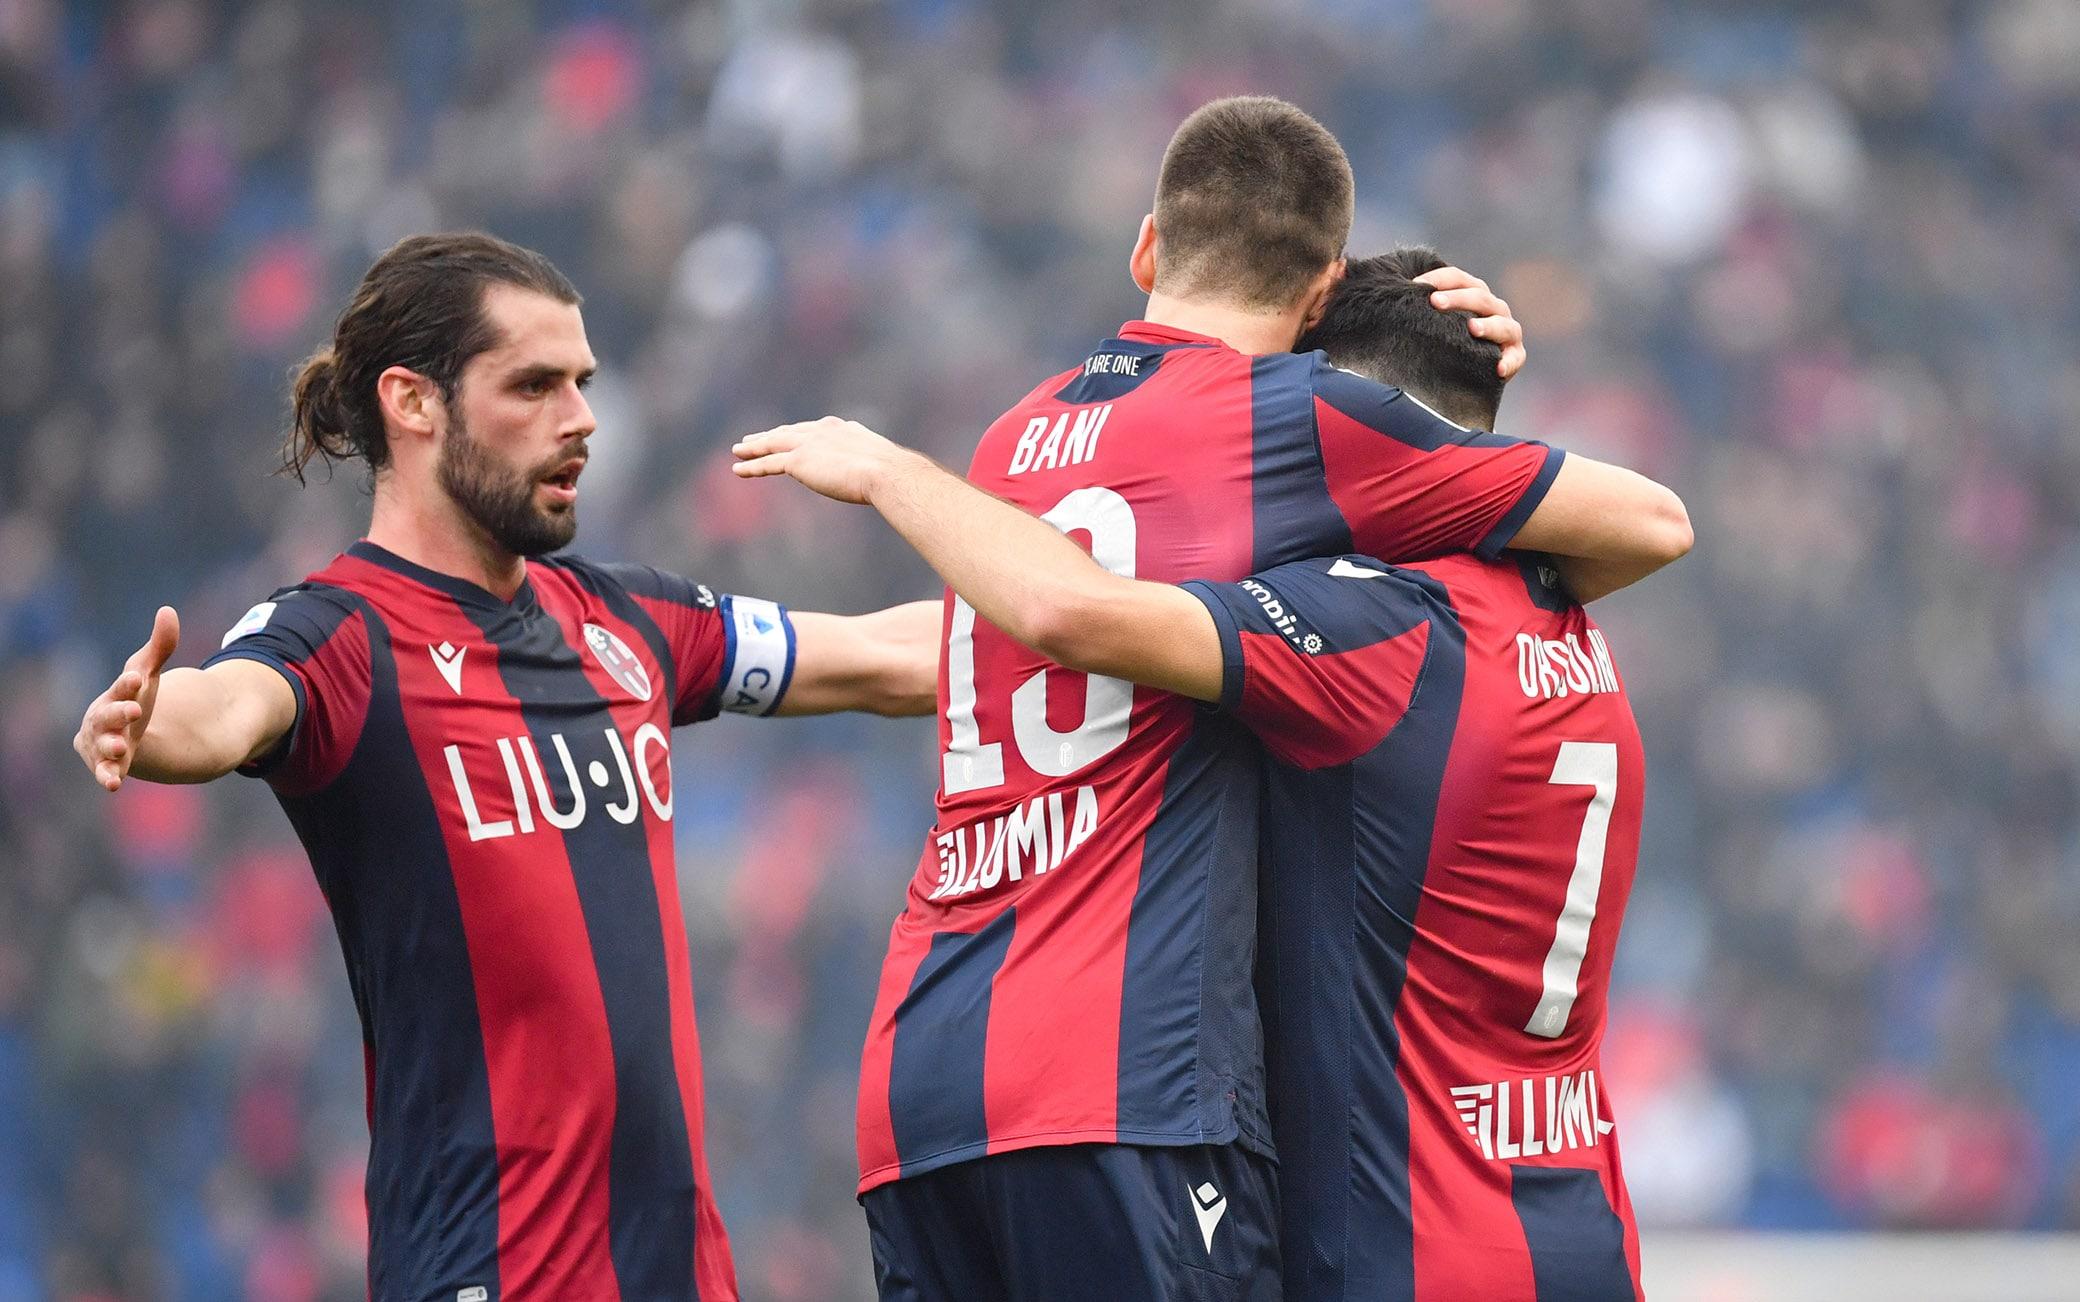 Bologna-Brescia 1-1, il risultato in diretta LIVE